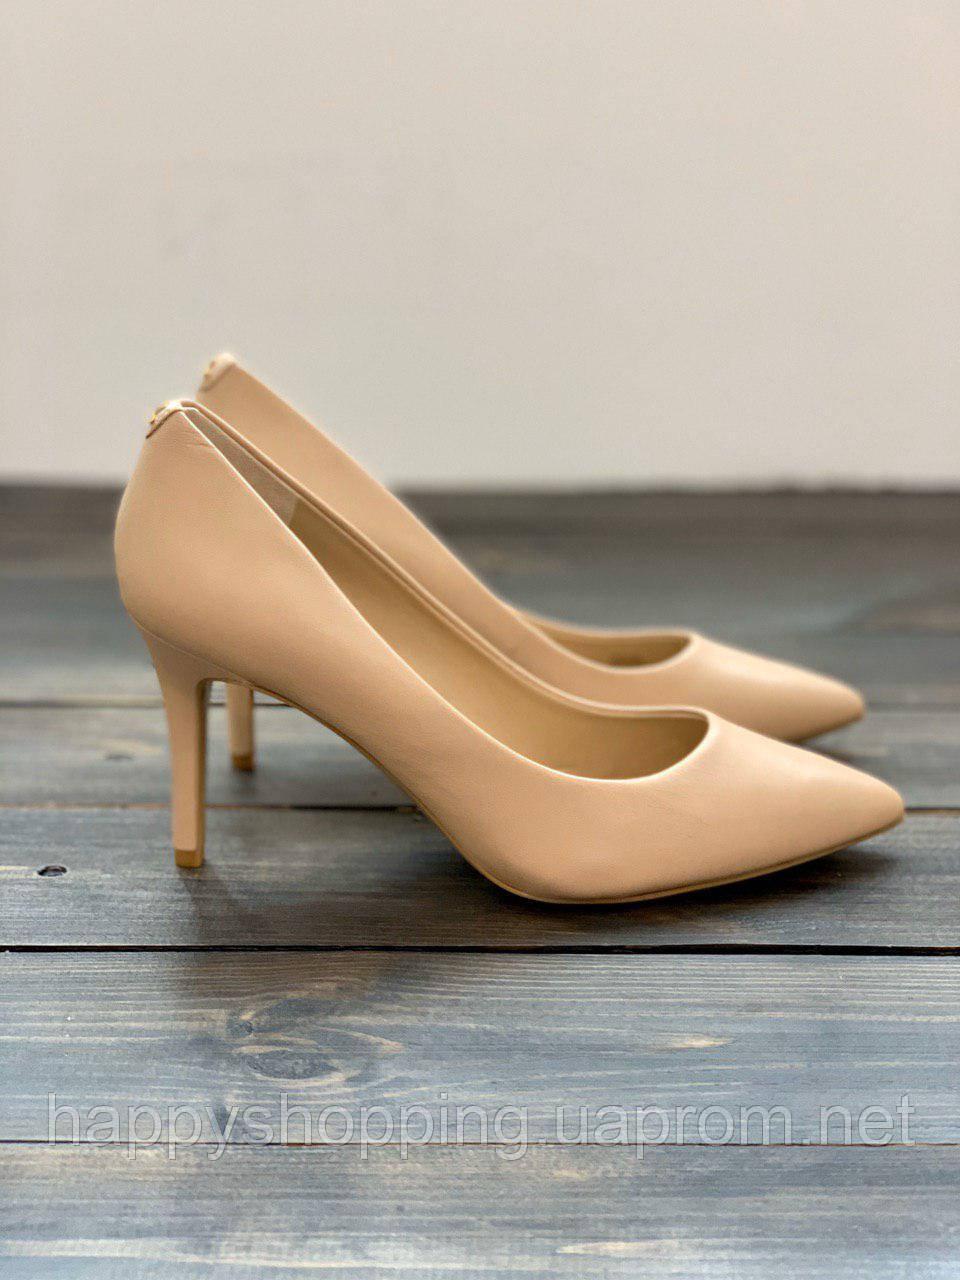 Женские оригинальные нюдовые кожаные туфли лодочки на каблуке Karl Lagerfeld Paris (Размеры  - 37.5 , 39)